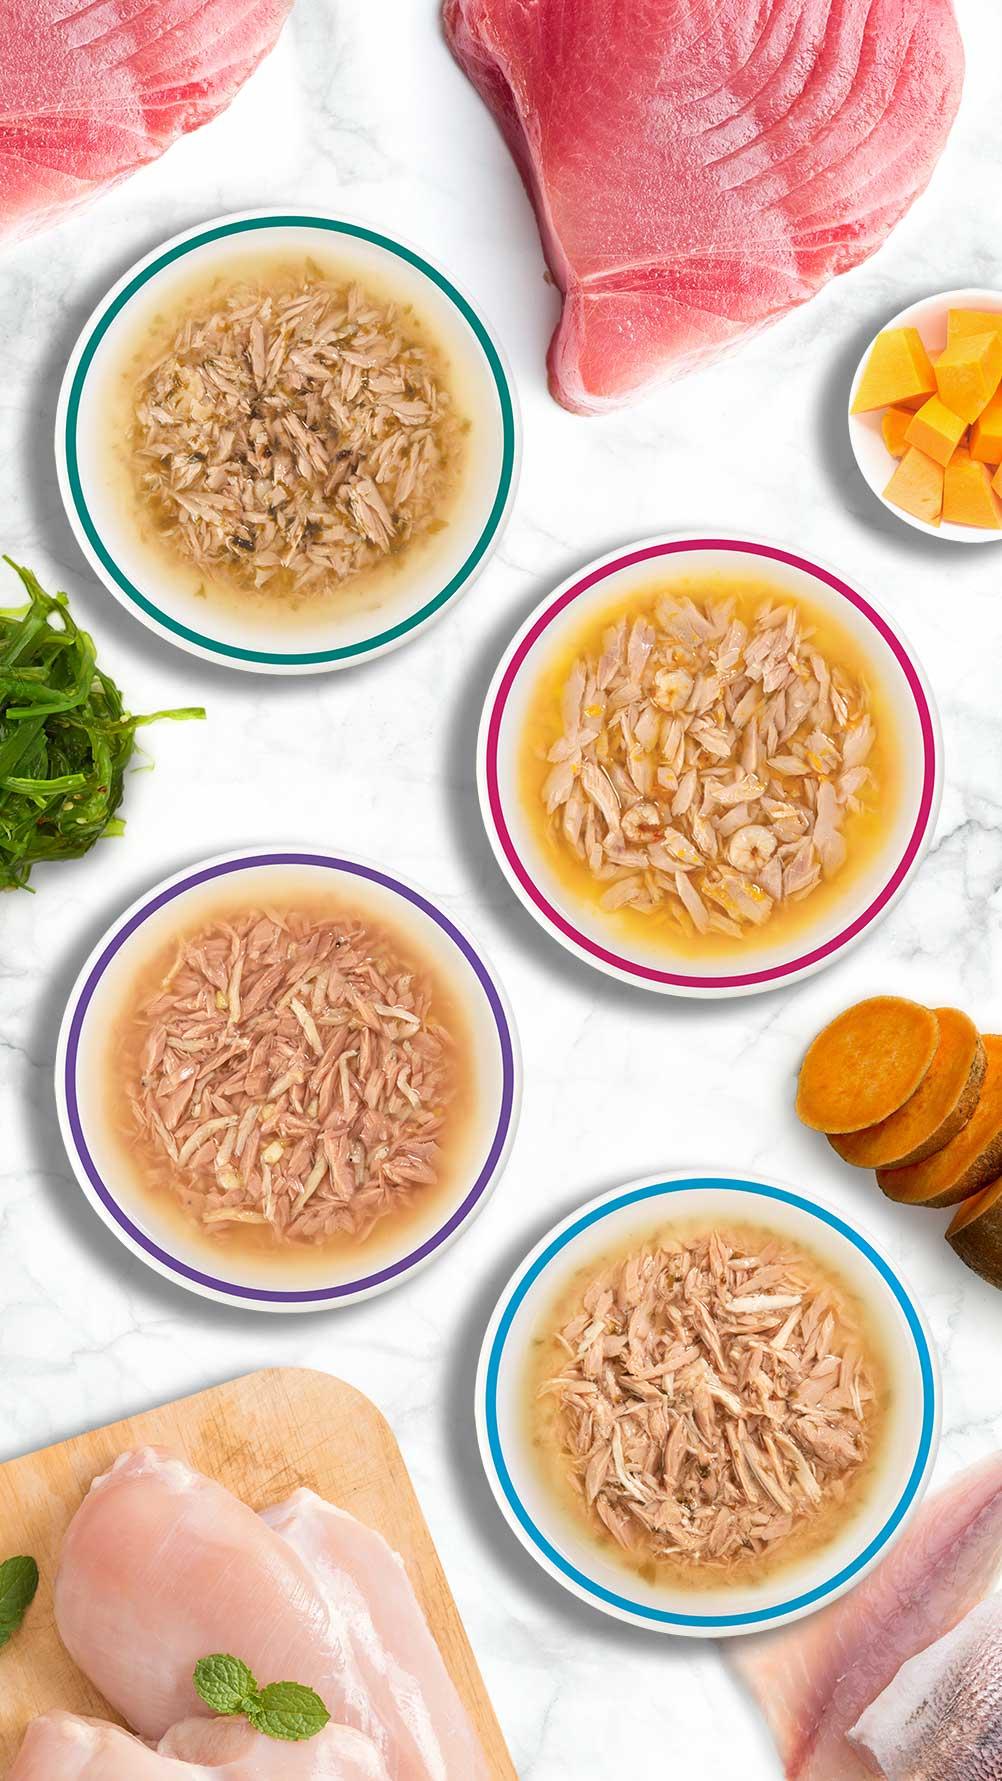 Divine Shreds Catit au poisson sont préparées à partir de seulement 4 ingrédients purs